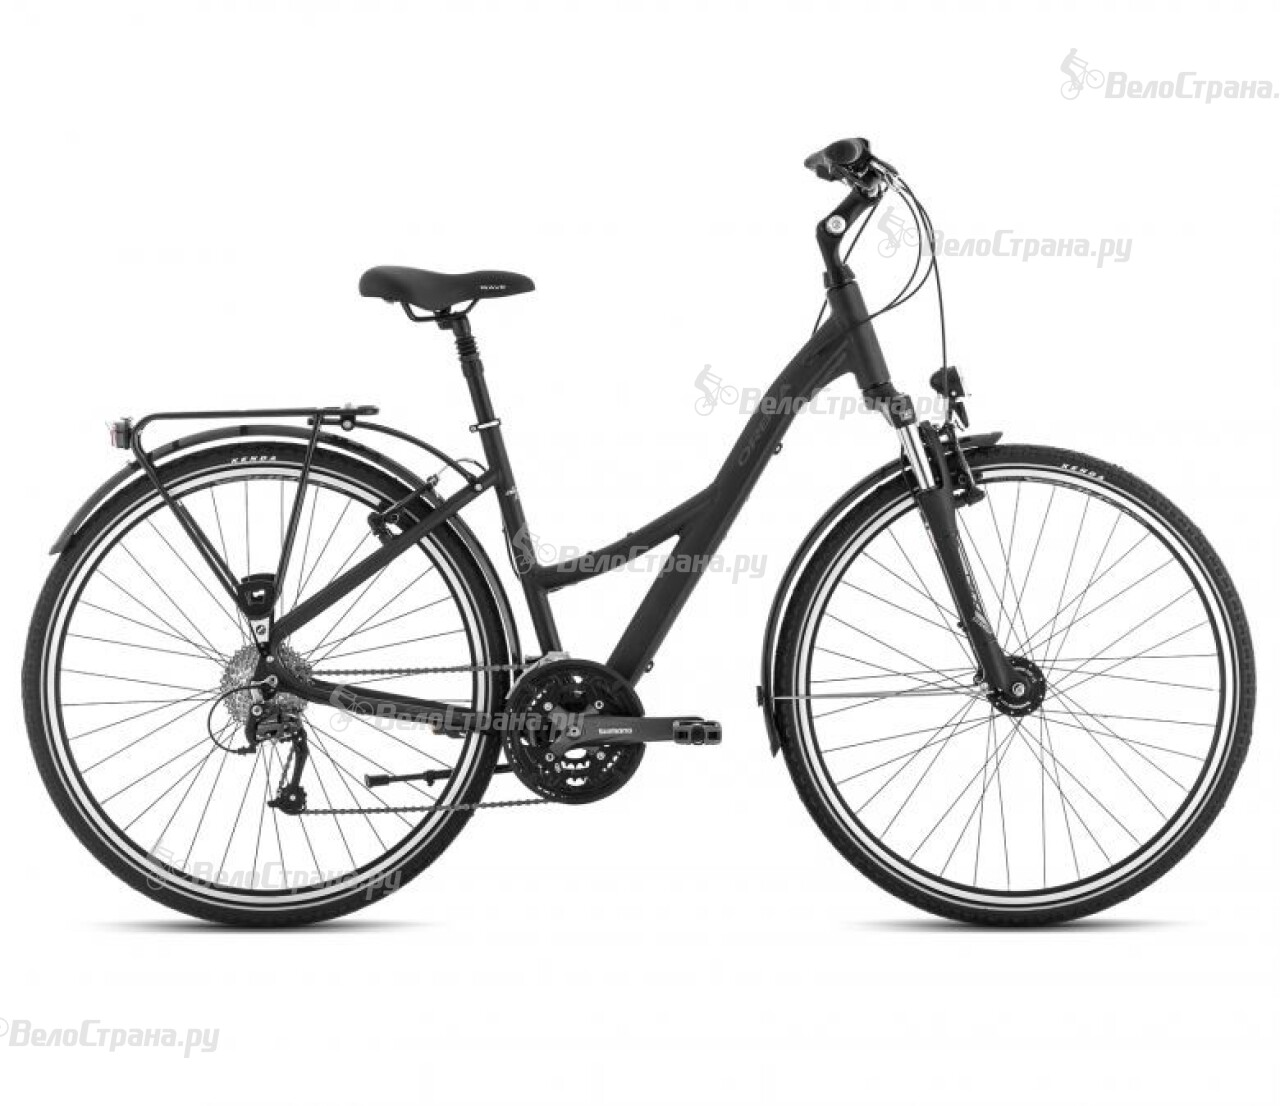 Велосипед Orbea Comfort 28 10 Open Eq (2014) велосипед orbea comfort 26 30 open eq 2014